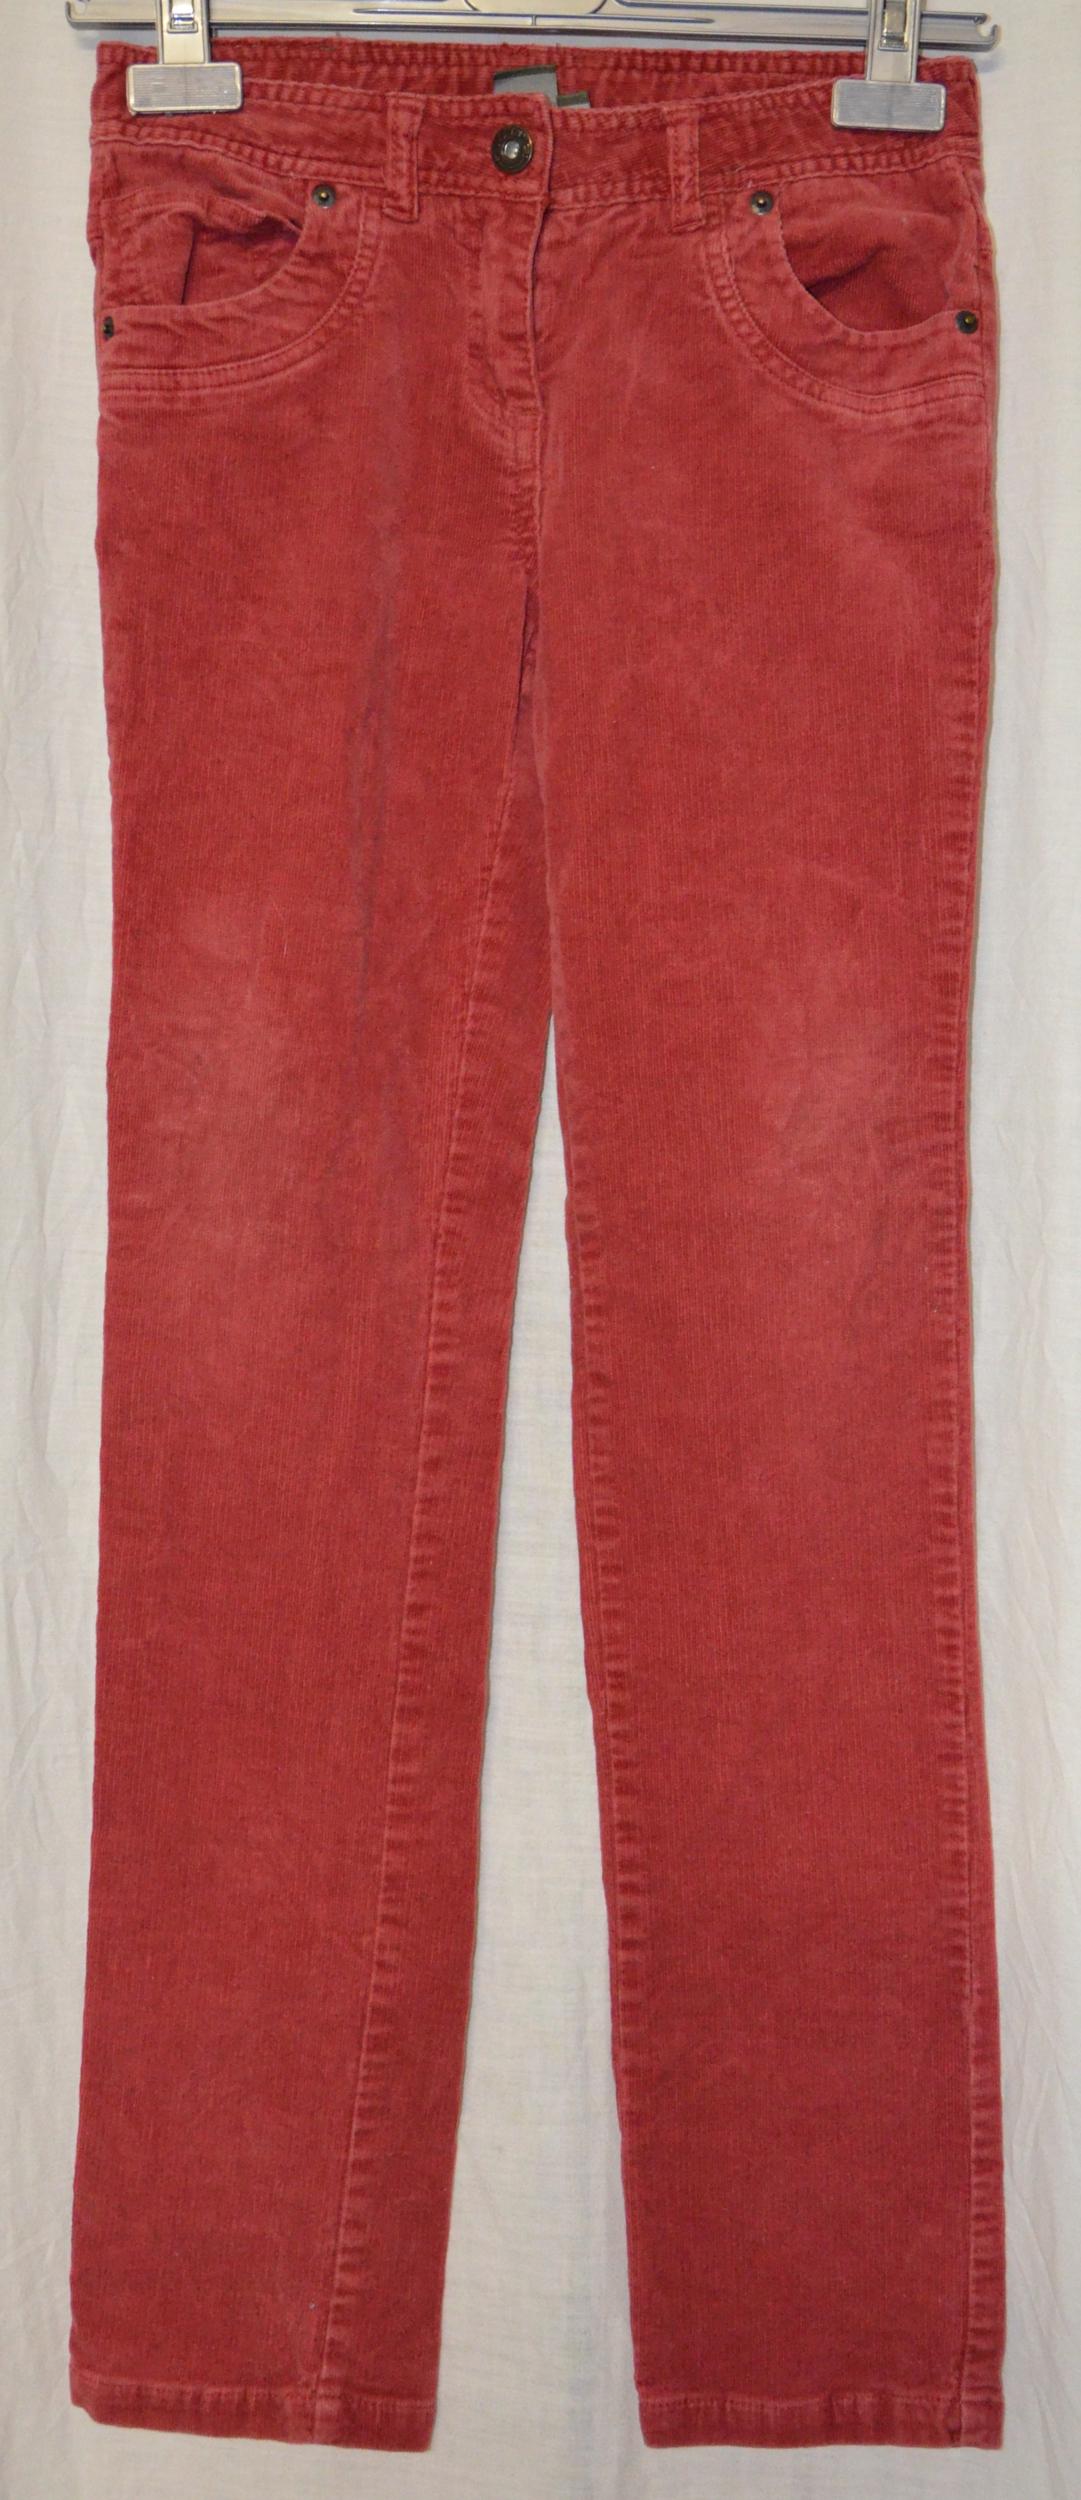 pantalon kiabi 12 ans